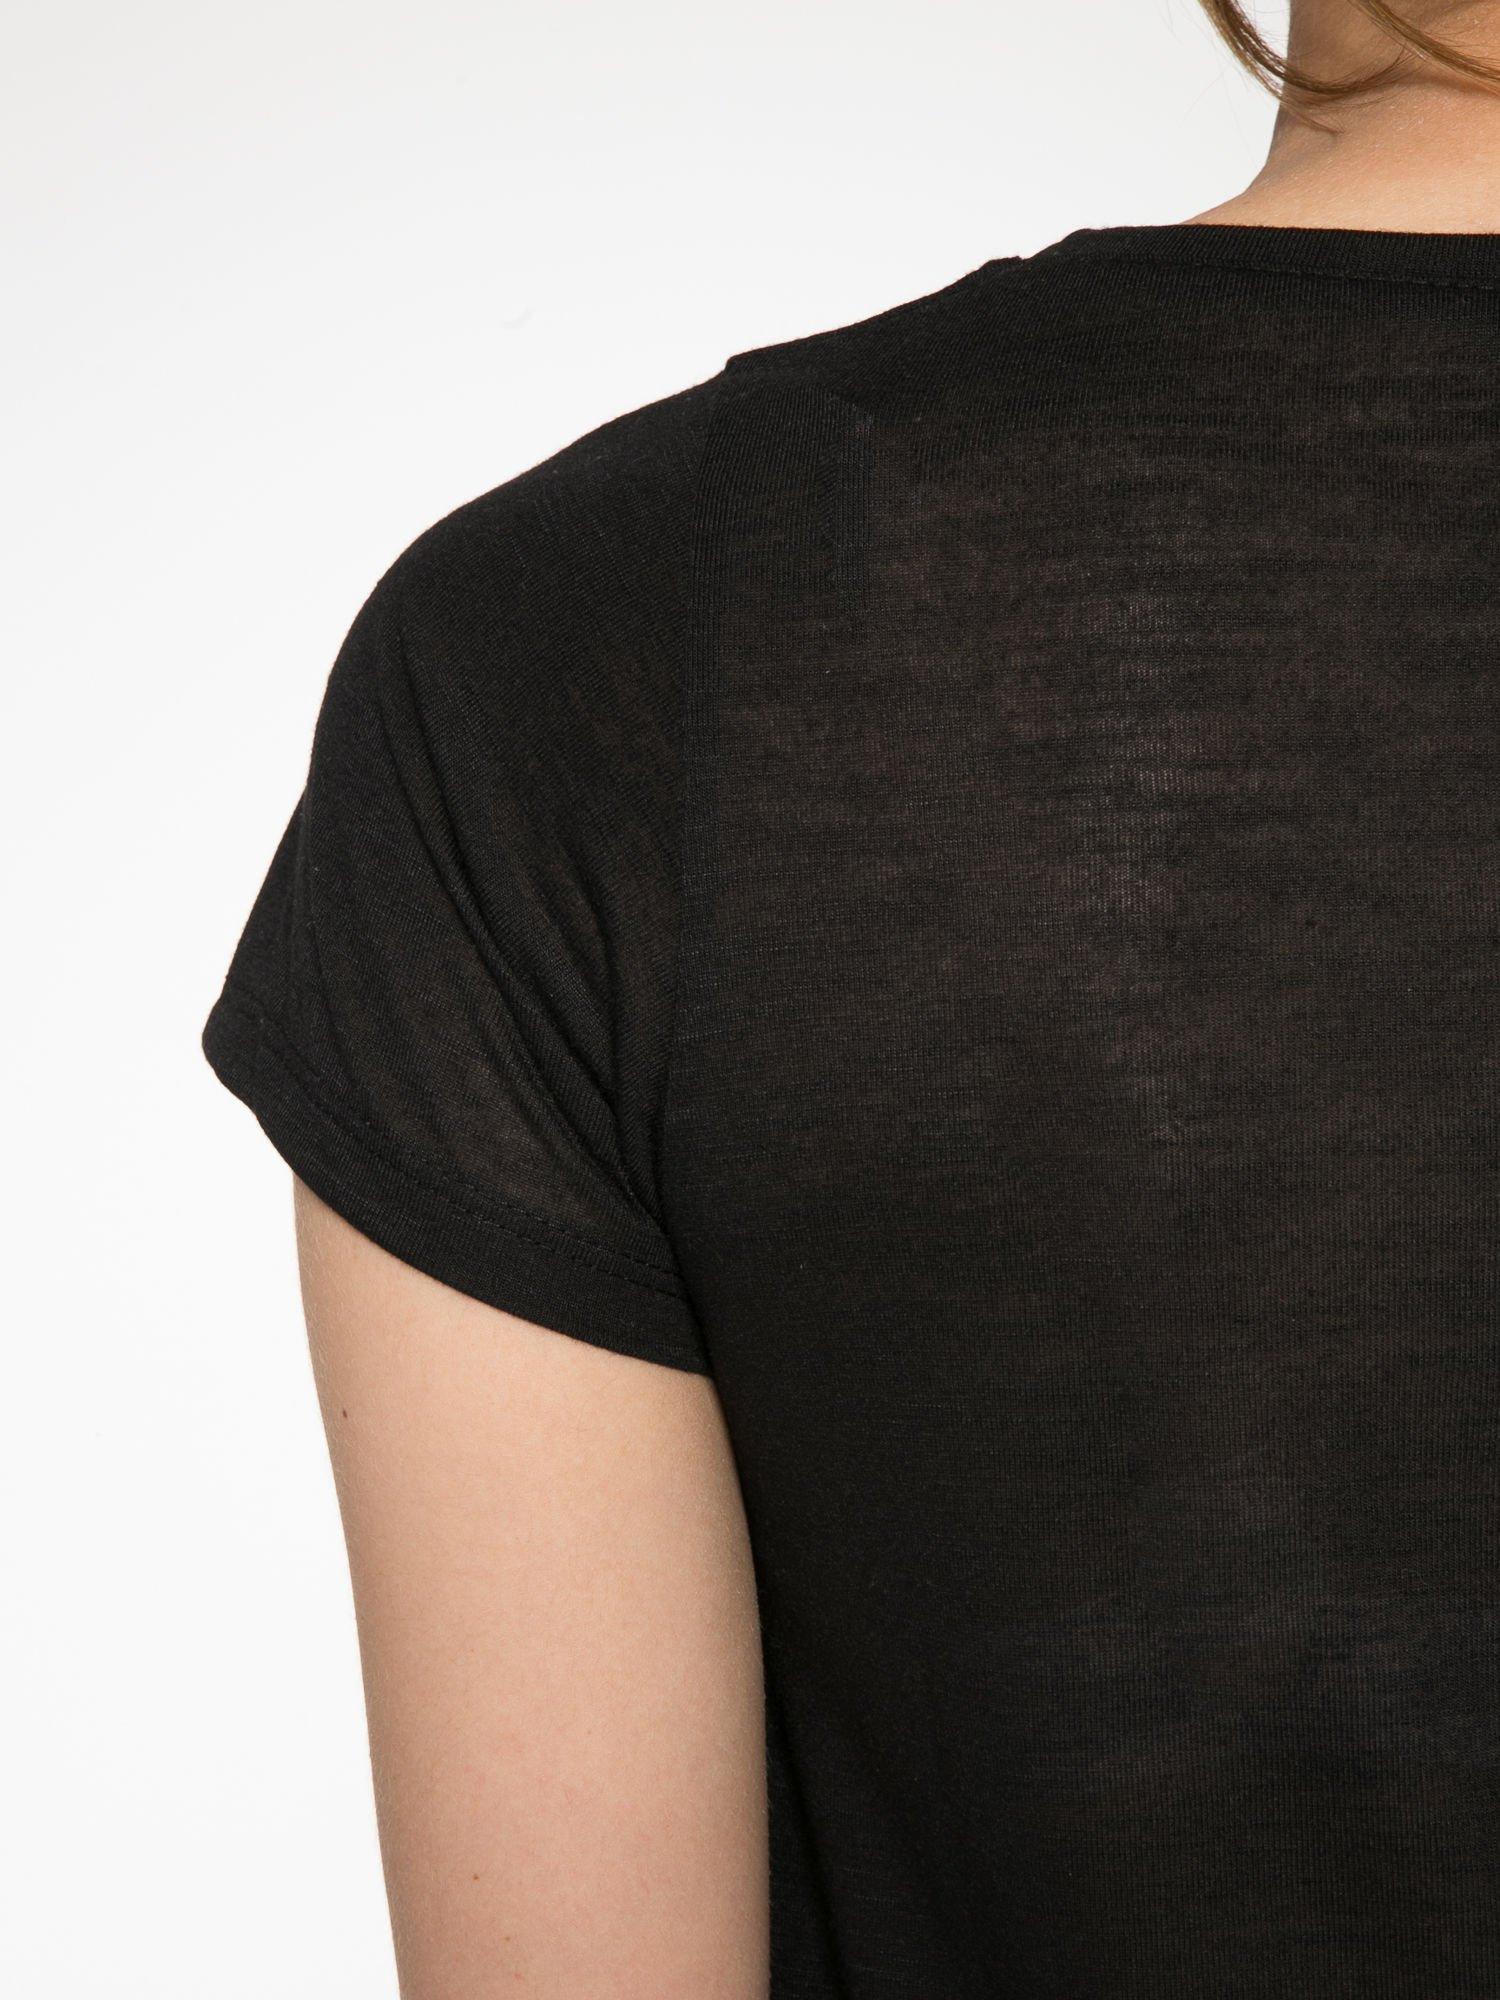 Czarny półtransparentny t-shirt basic                                  zdj.                                  9